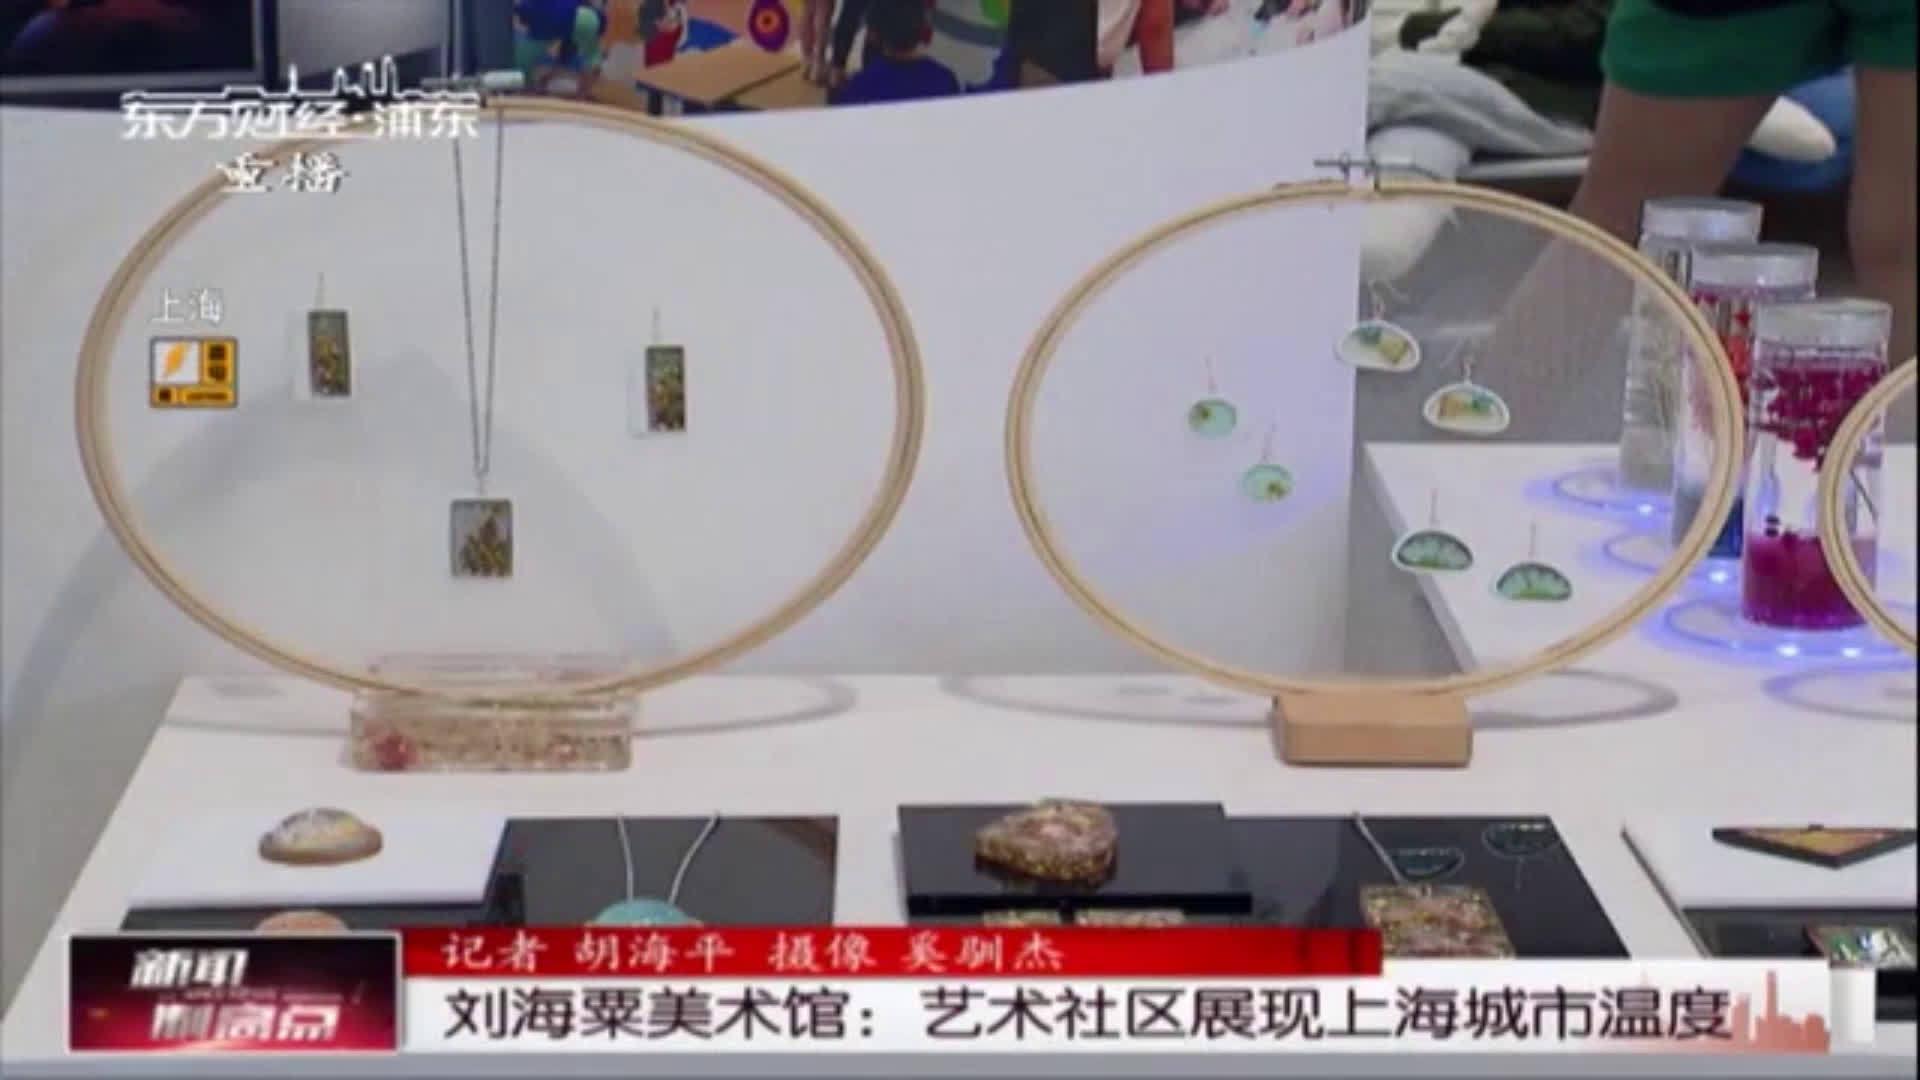 刘海粟美术馆:艺术社区展现上海城市温度